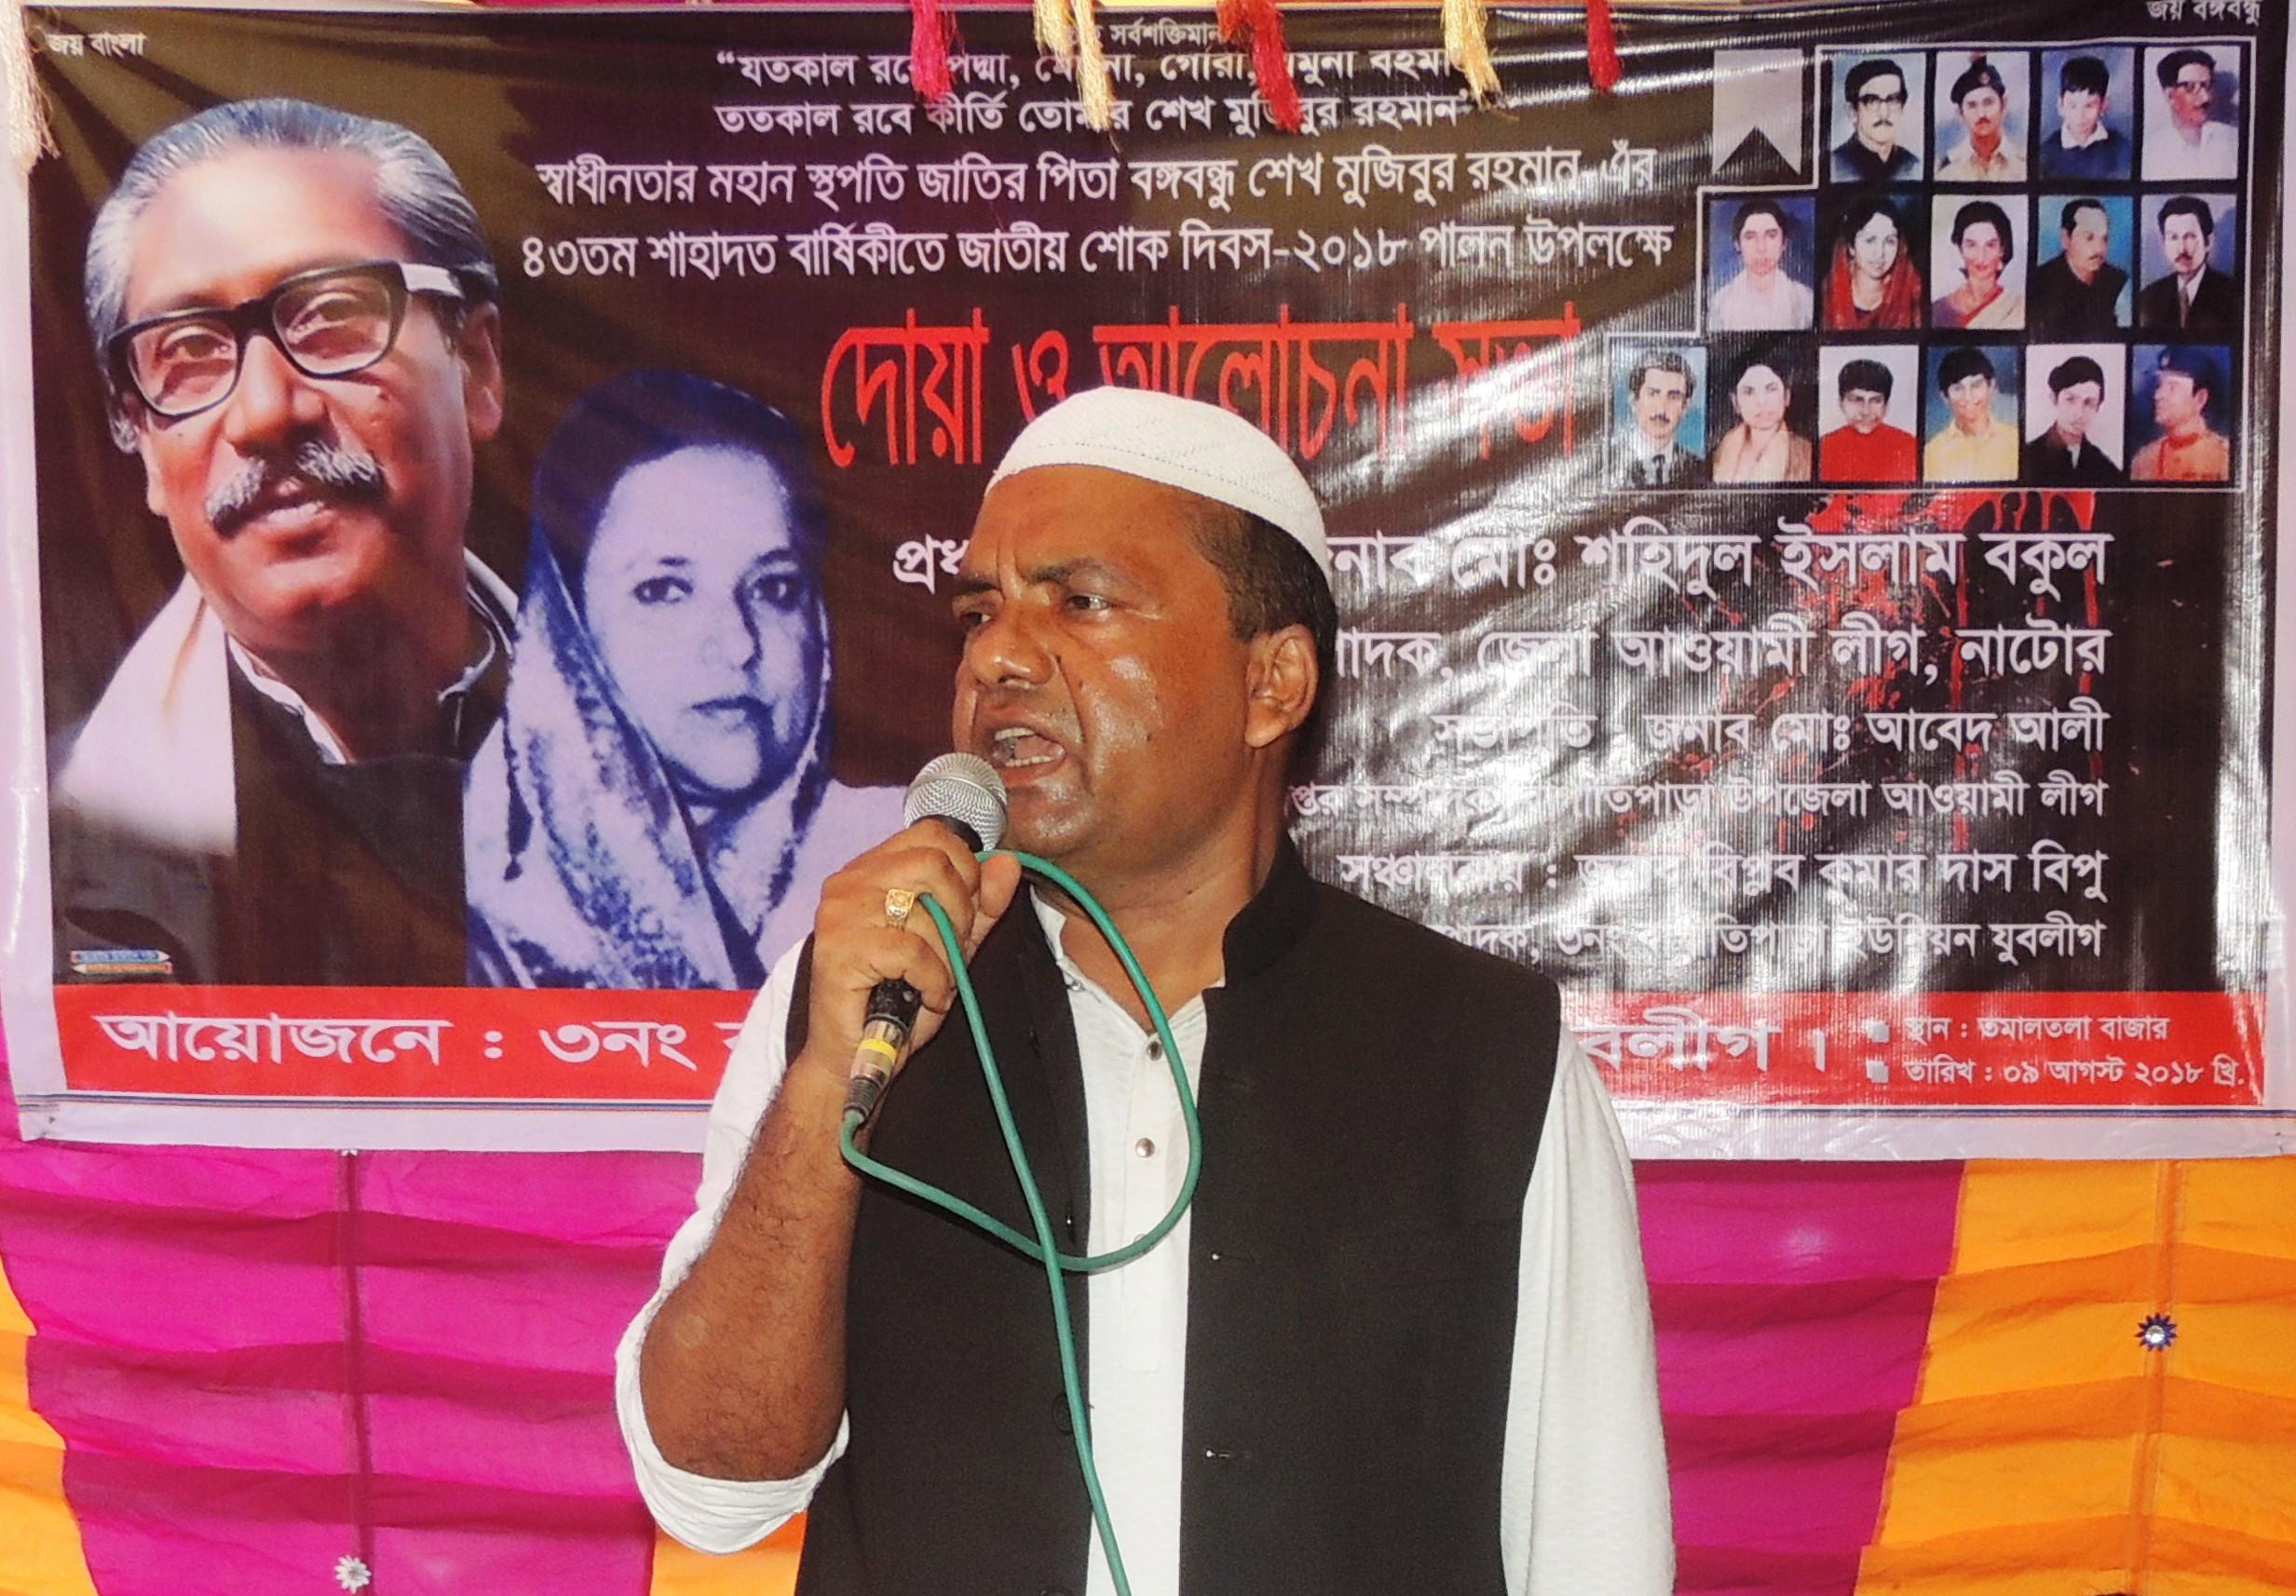 বাগাতিপাড়ায় বকুলের পথসভা ও দোয়া মাহফিল অনুষ্ঠিত